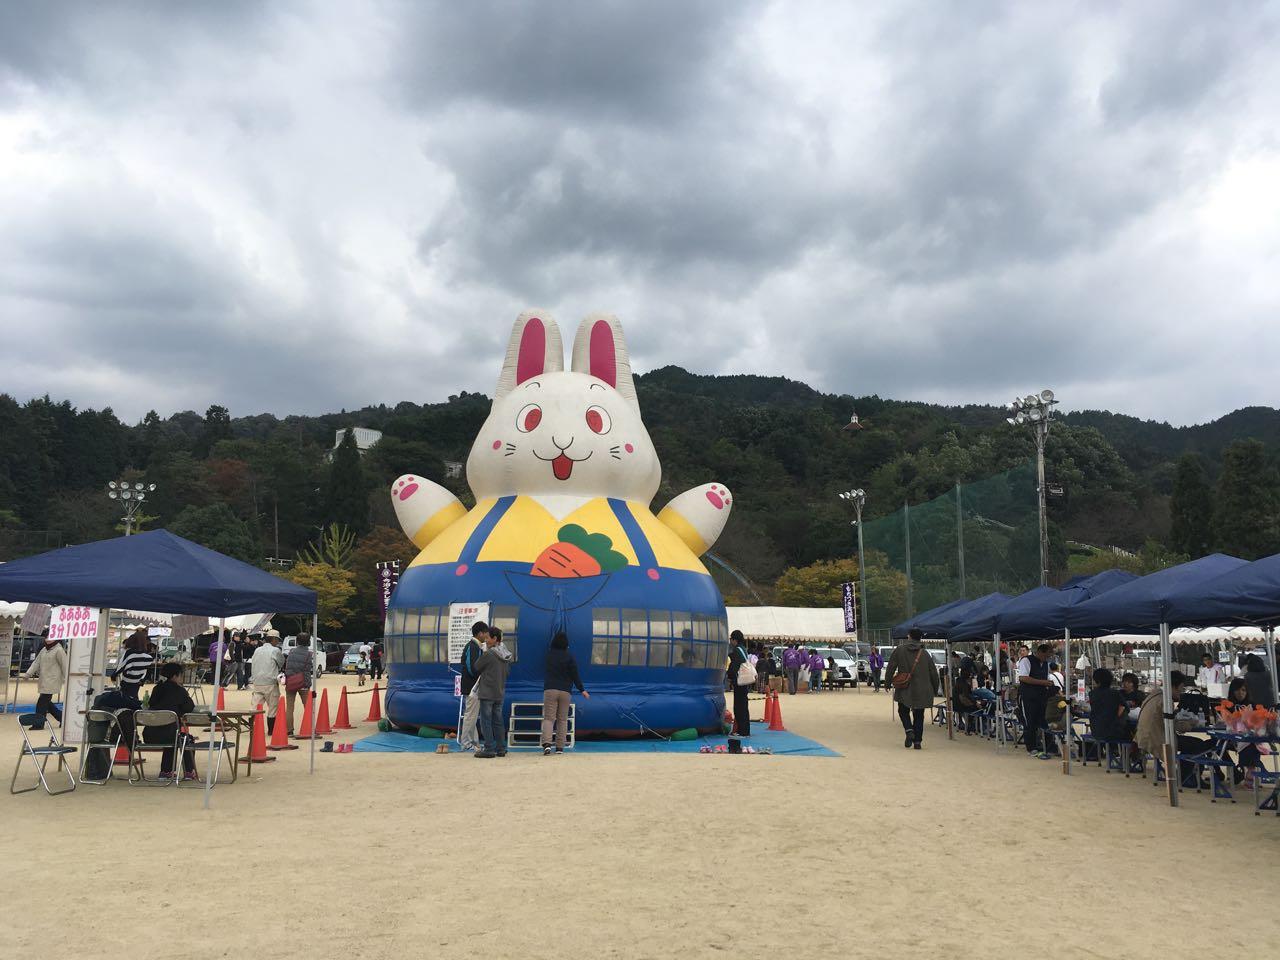 みとん今治,イベント,朝倉ふれあいフェスタ,朝倉緑のふるさと公園